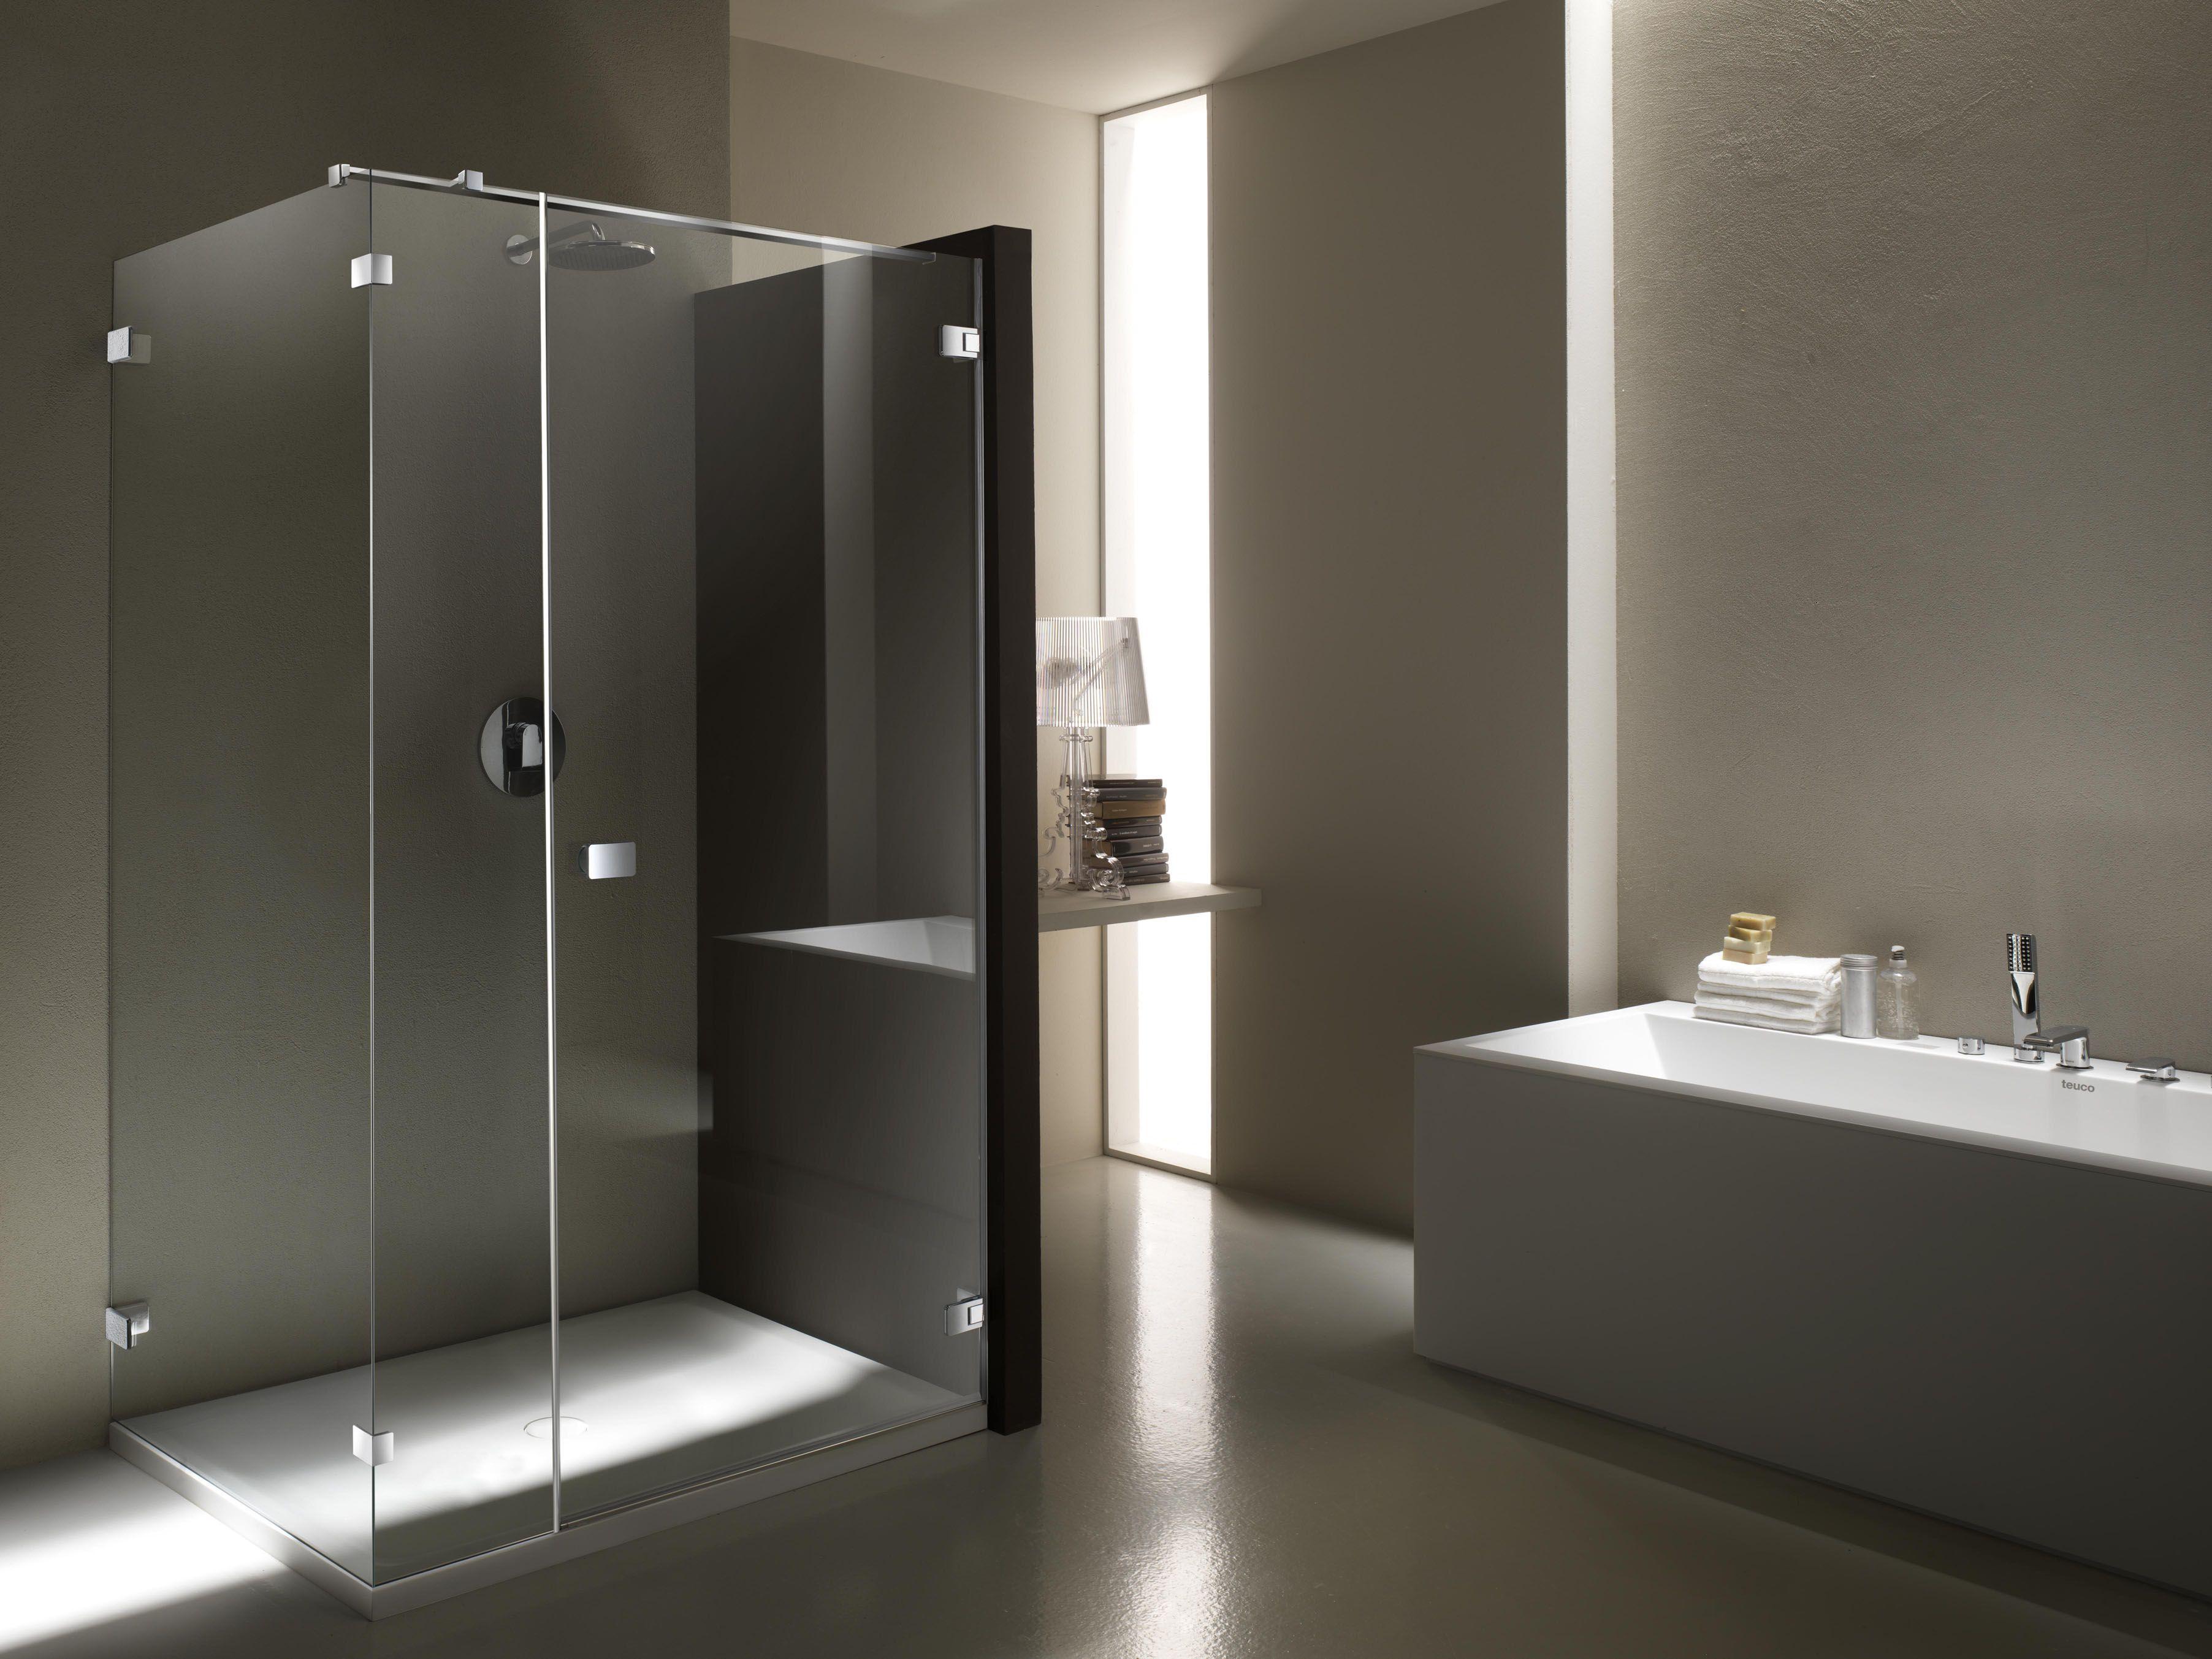 Cabine doccia senza telaio rci riscaldamento - Doccia senza porta ...